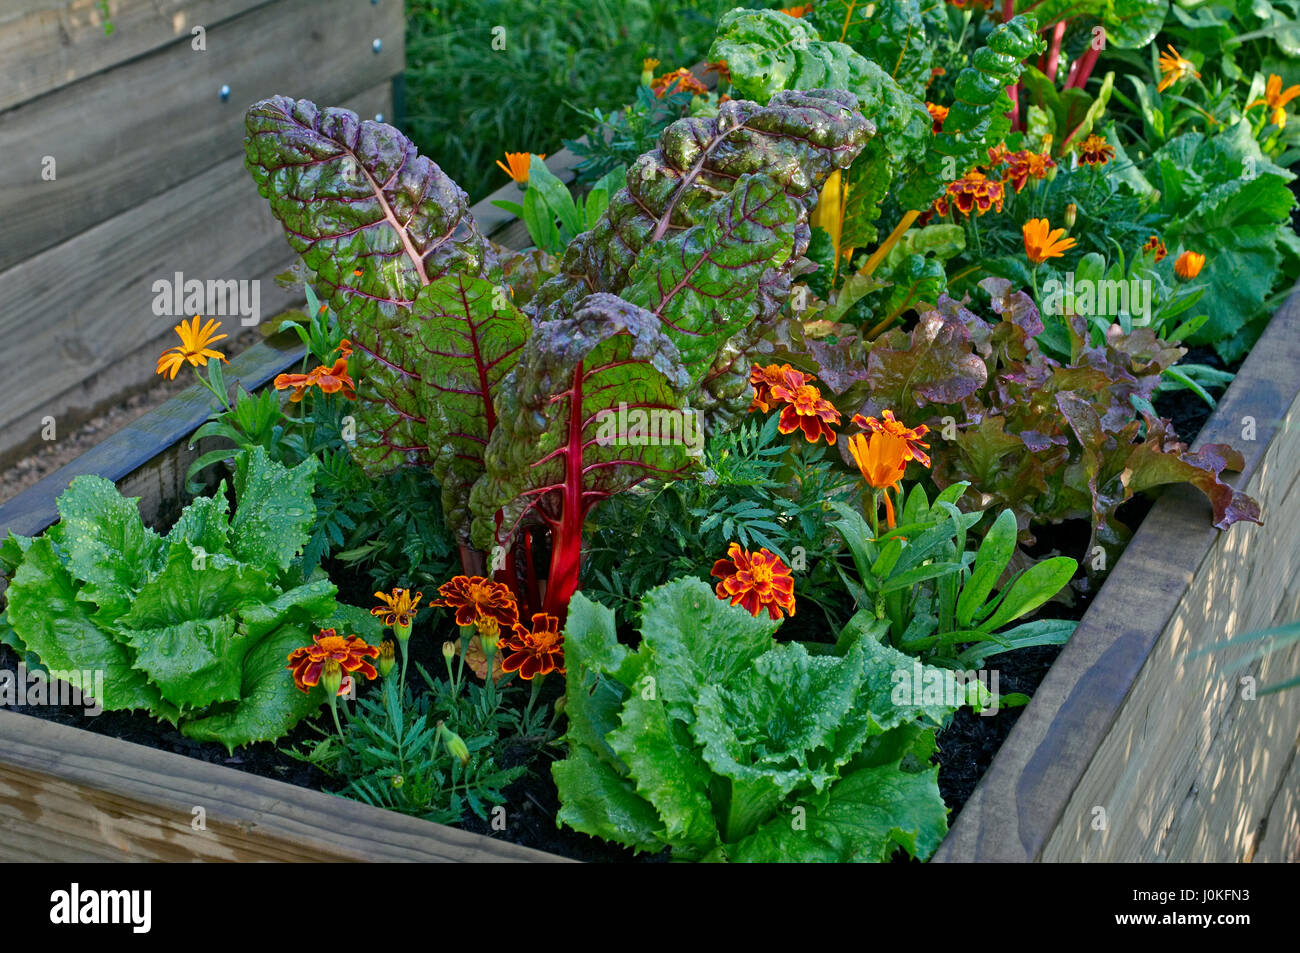 Ein Hochbeet Von Gemuse Und Blumen In Einem Stadtischen Garten